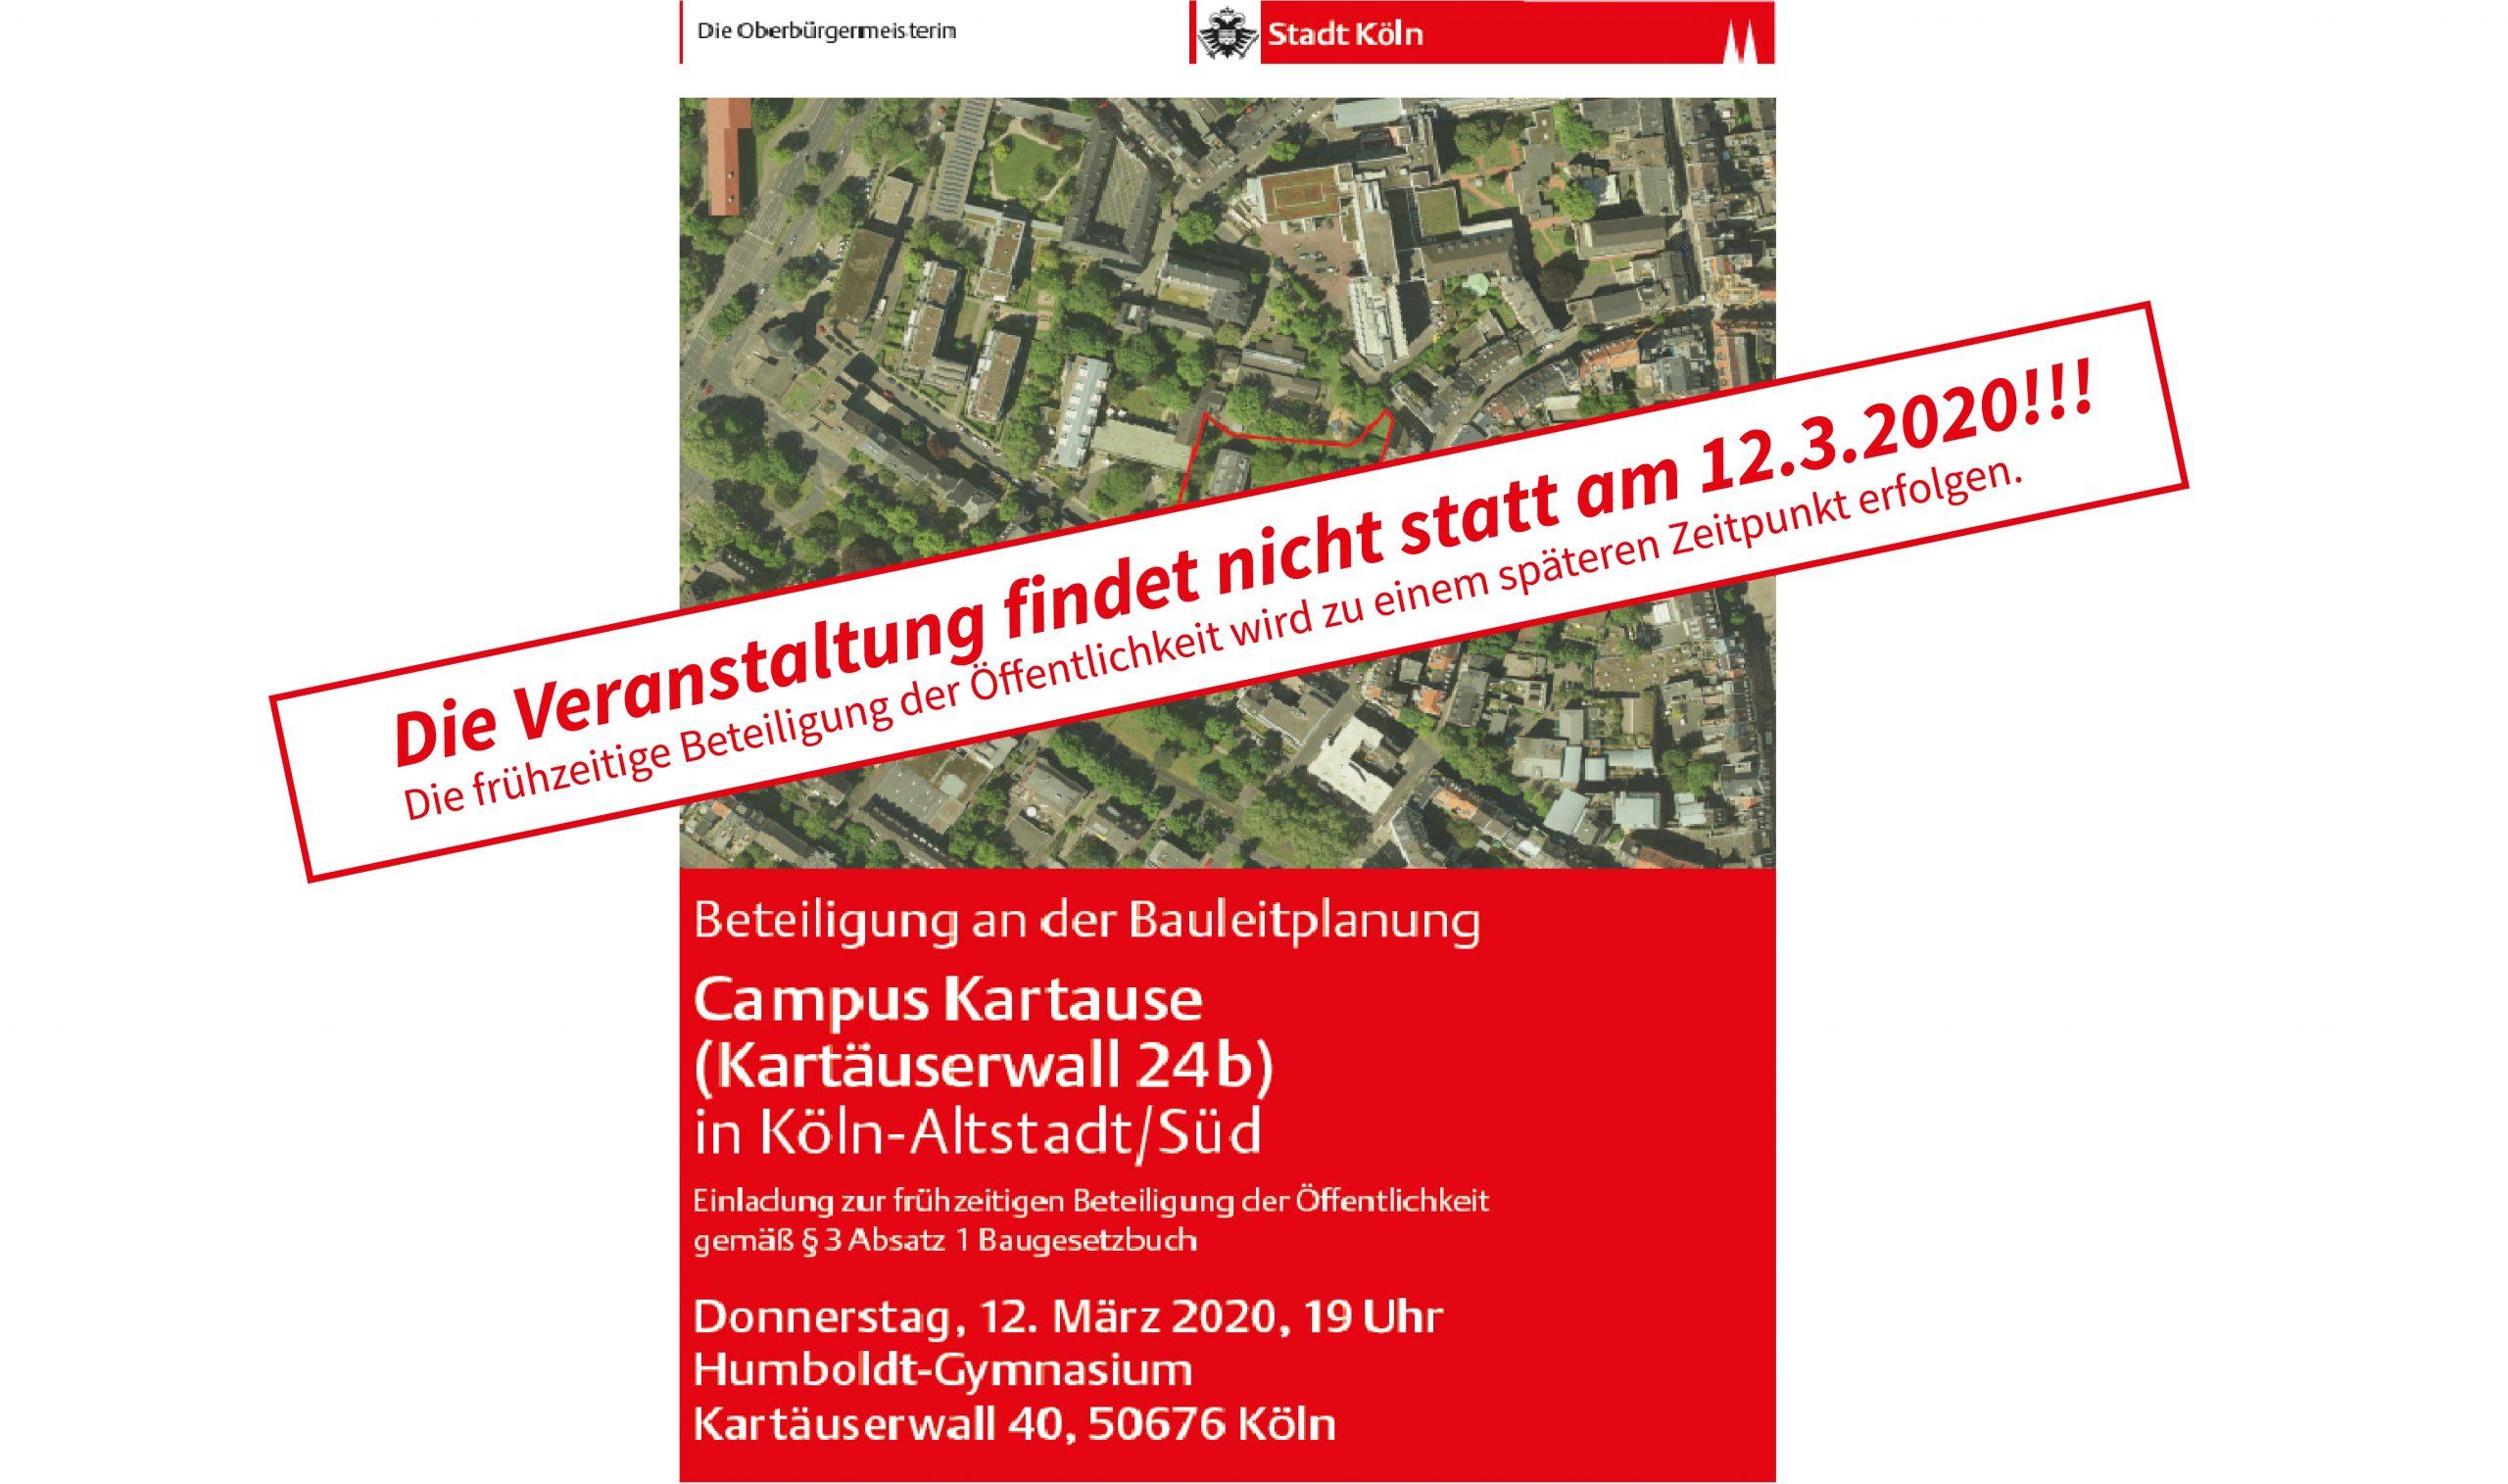 Veranstaltung am 12. März wird verschoben – Planungsdezernat der Stadt Köln folgt Empfehlung des Gesundheitsamtes